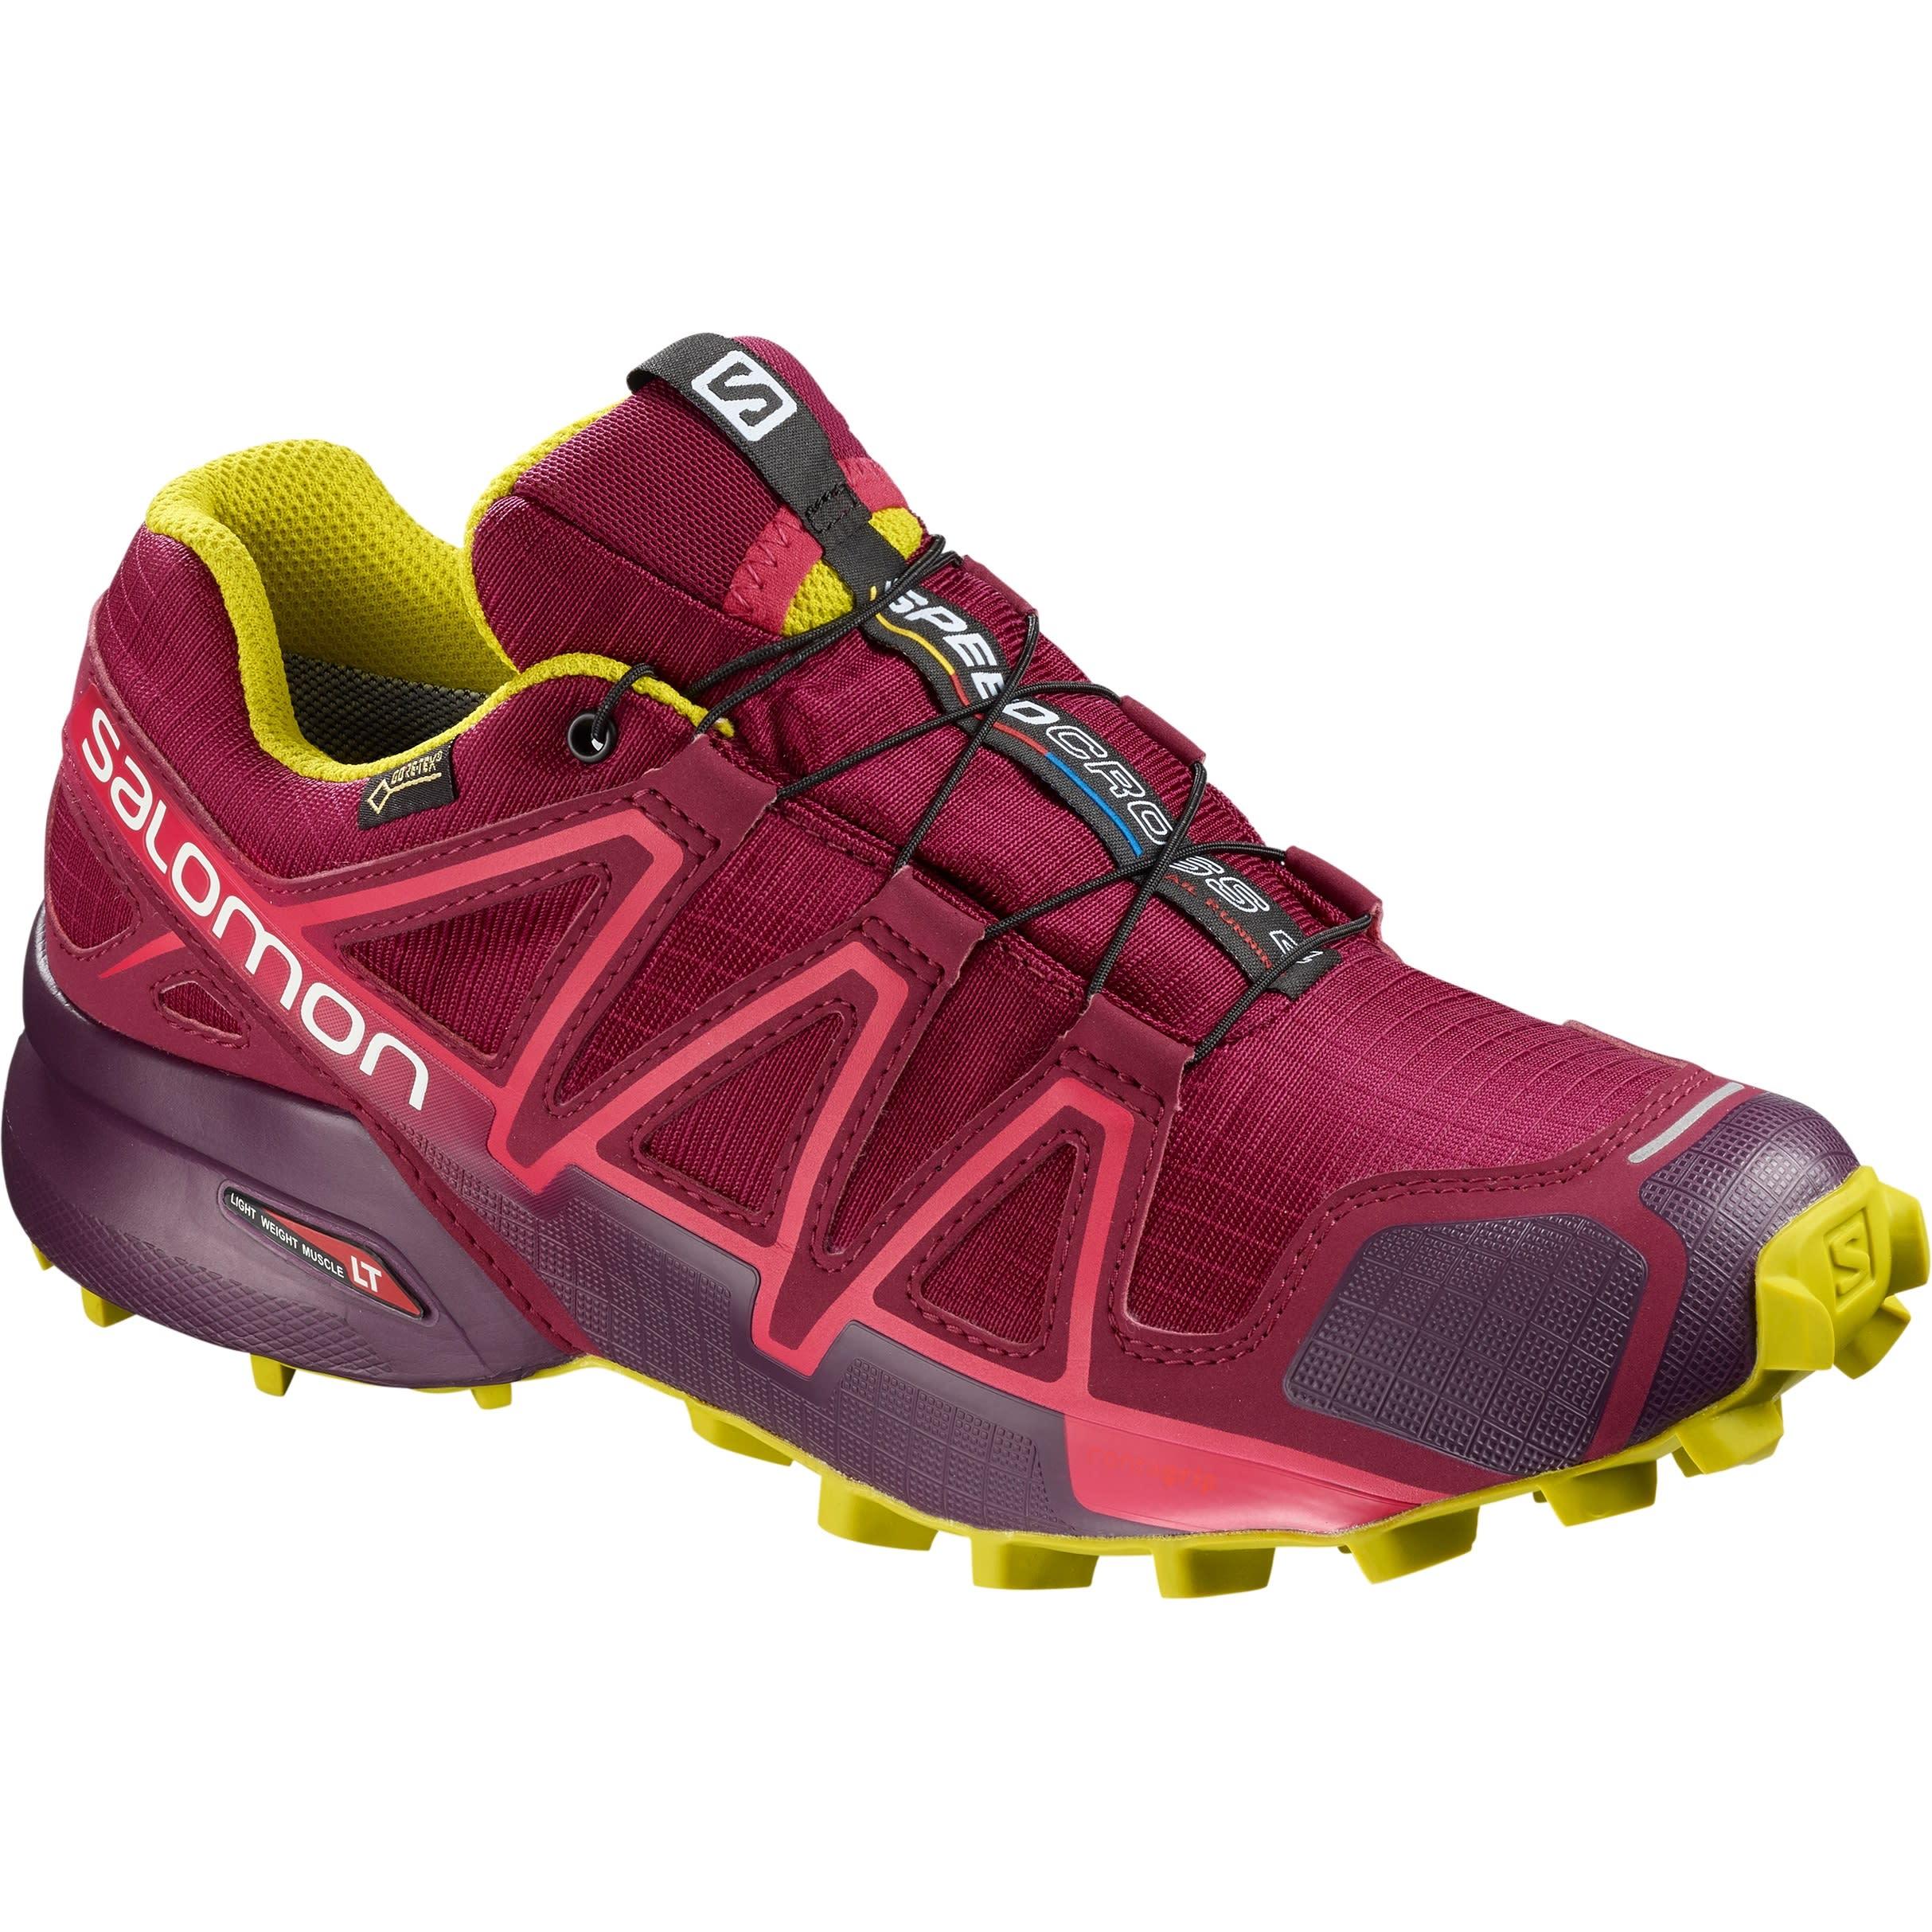 Speedcross 4 Gtx® Women